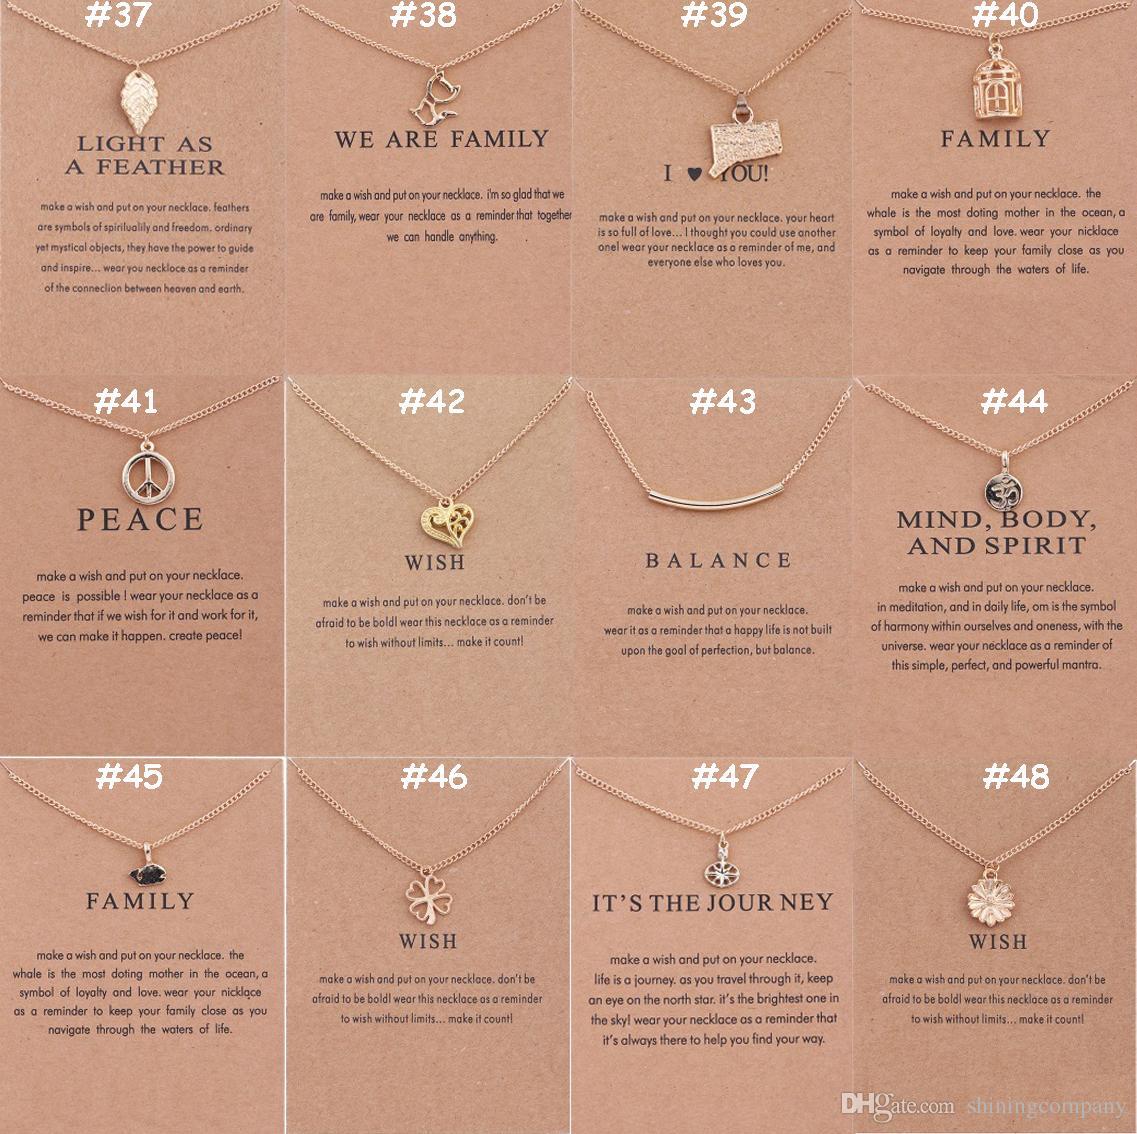 136 Tasarımlar Dogeared Takı Chokers Kolye Ile Kart Altın Gümüş Kaplama Kolye Kolye Arkadaşlar Aileler için Küçük Hediye Promosyon Hediye